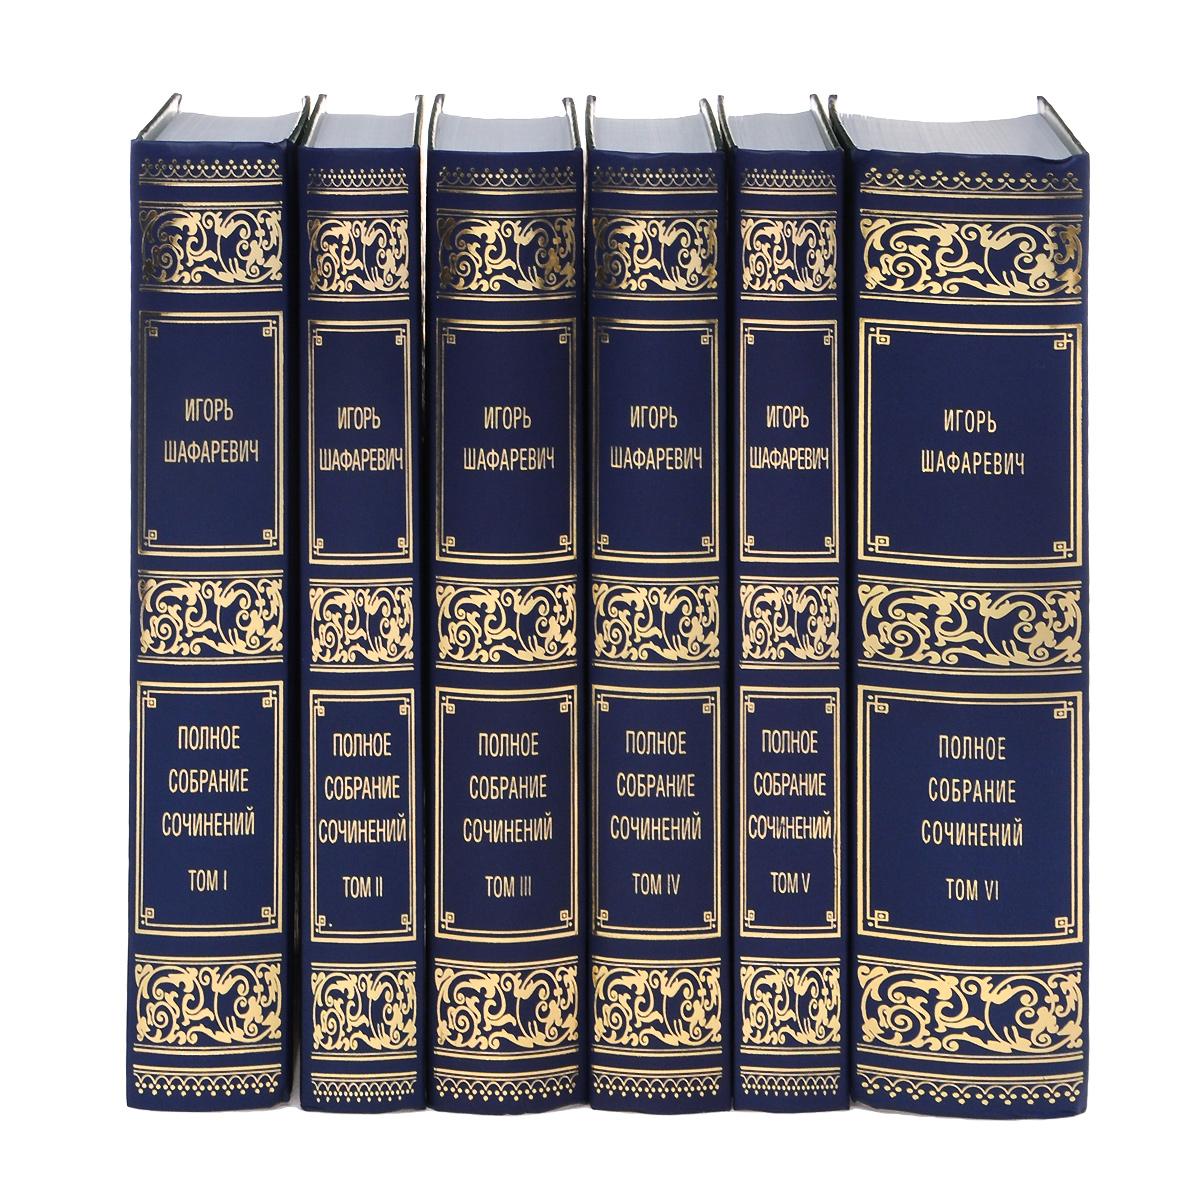 И. Р. Шафаревич. Полное собрание сочинений. В 6 томах (комплект из 6 книг)